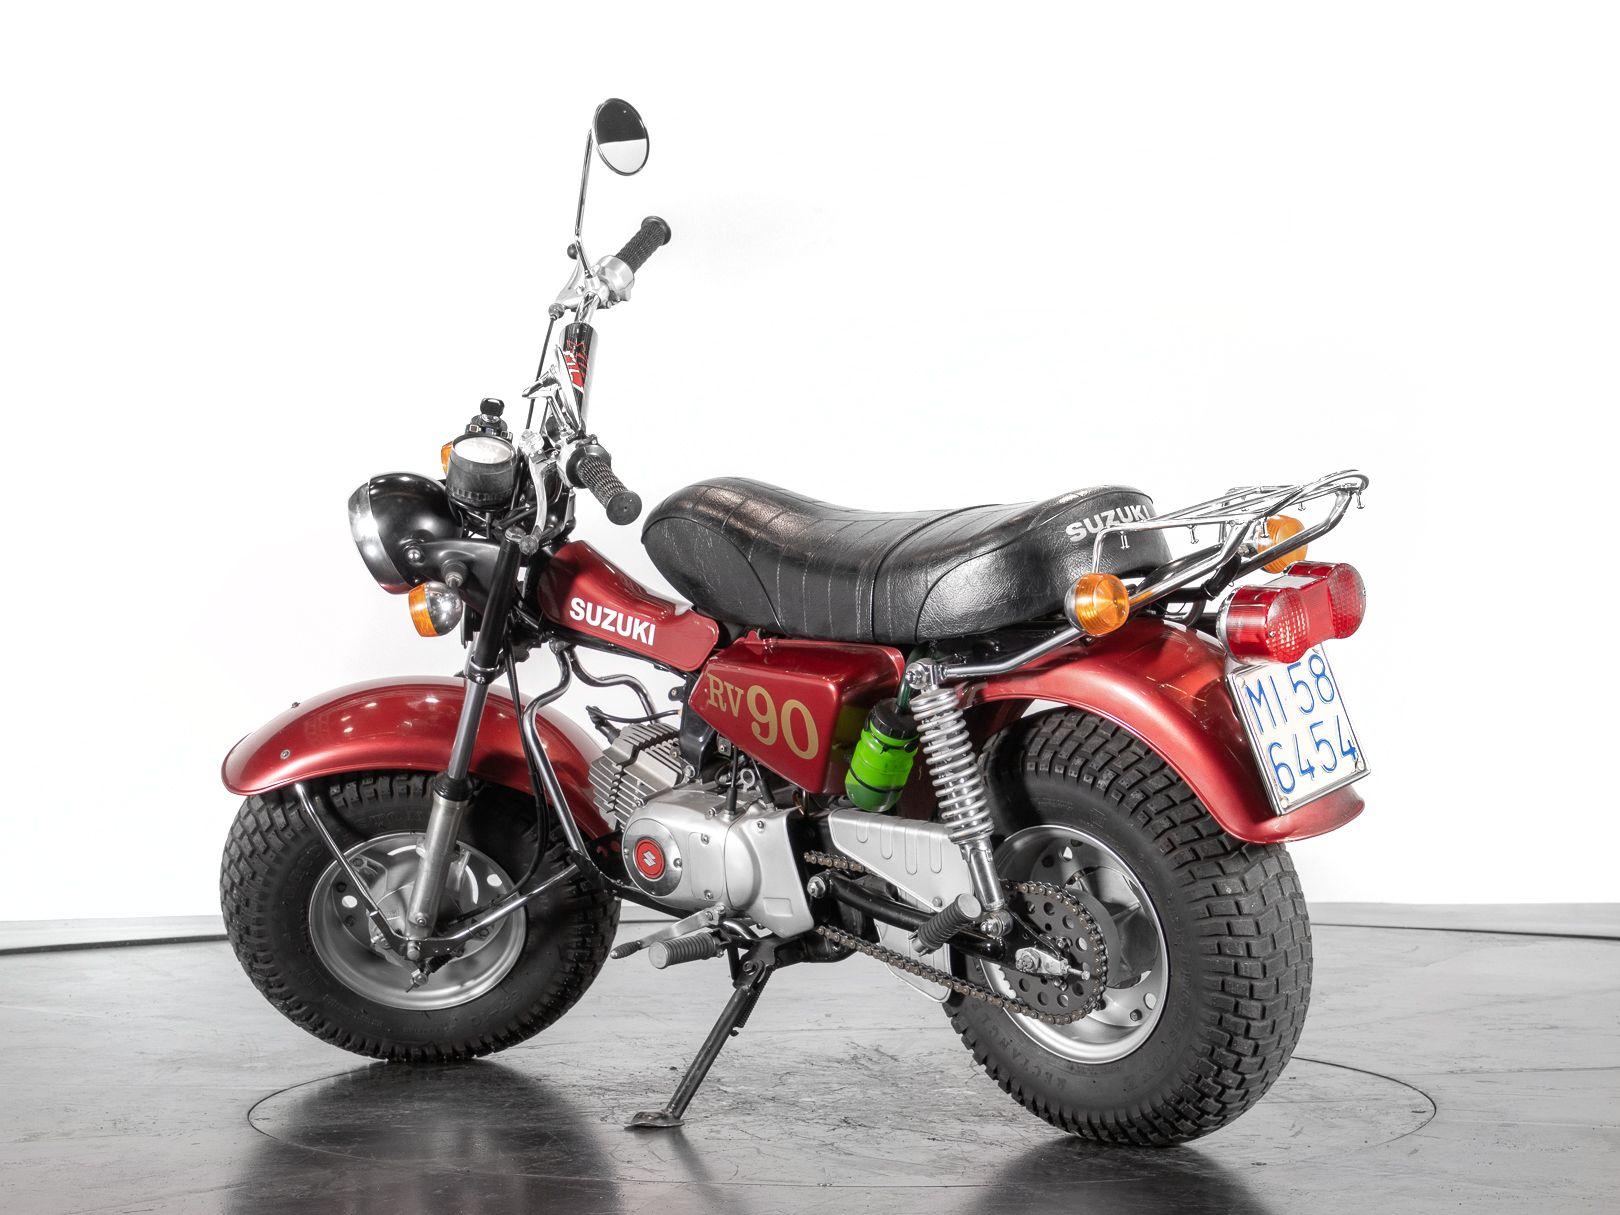 1979 Suzuki RV 90 50563